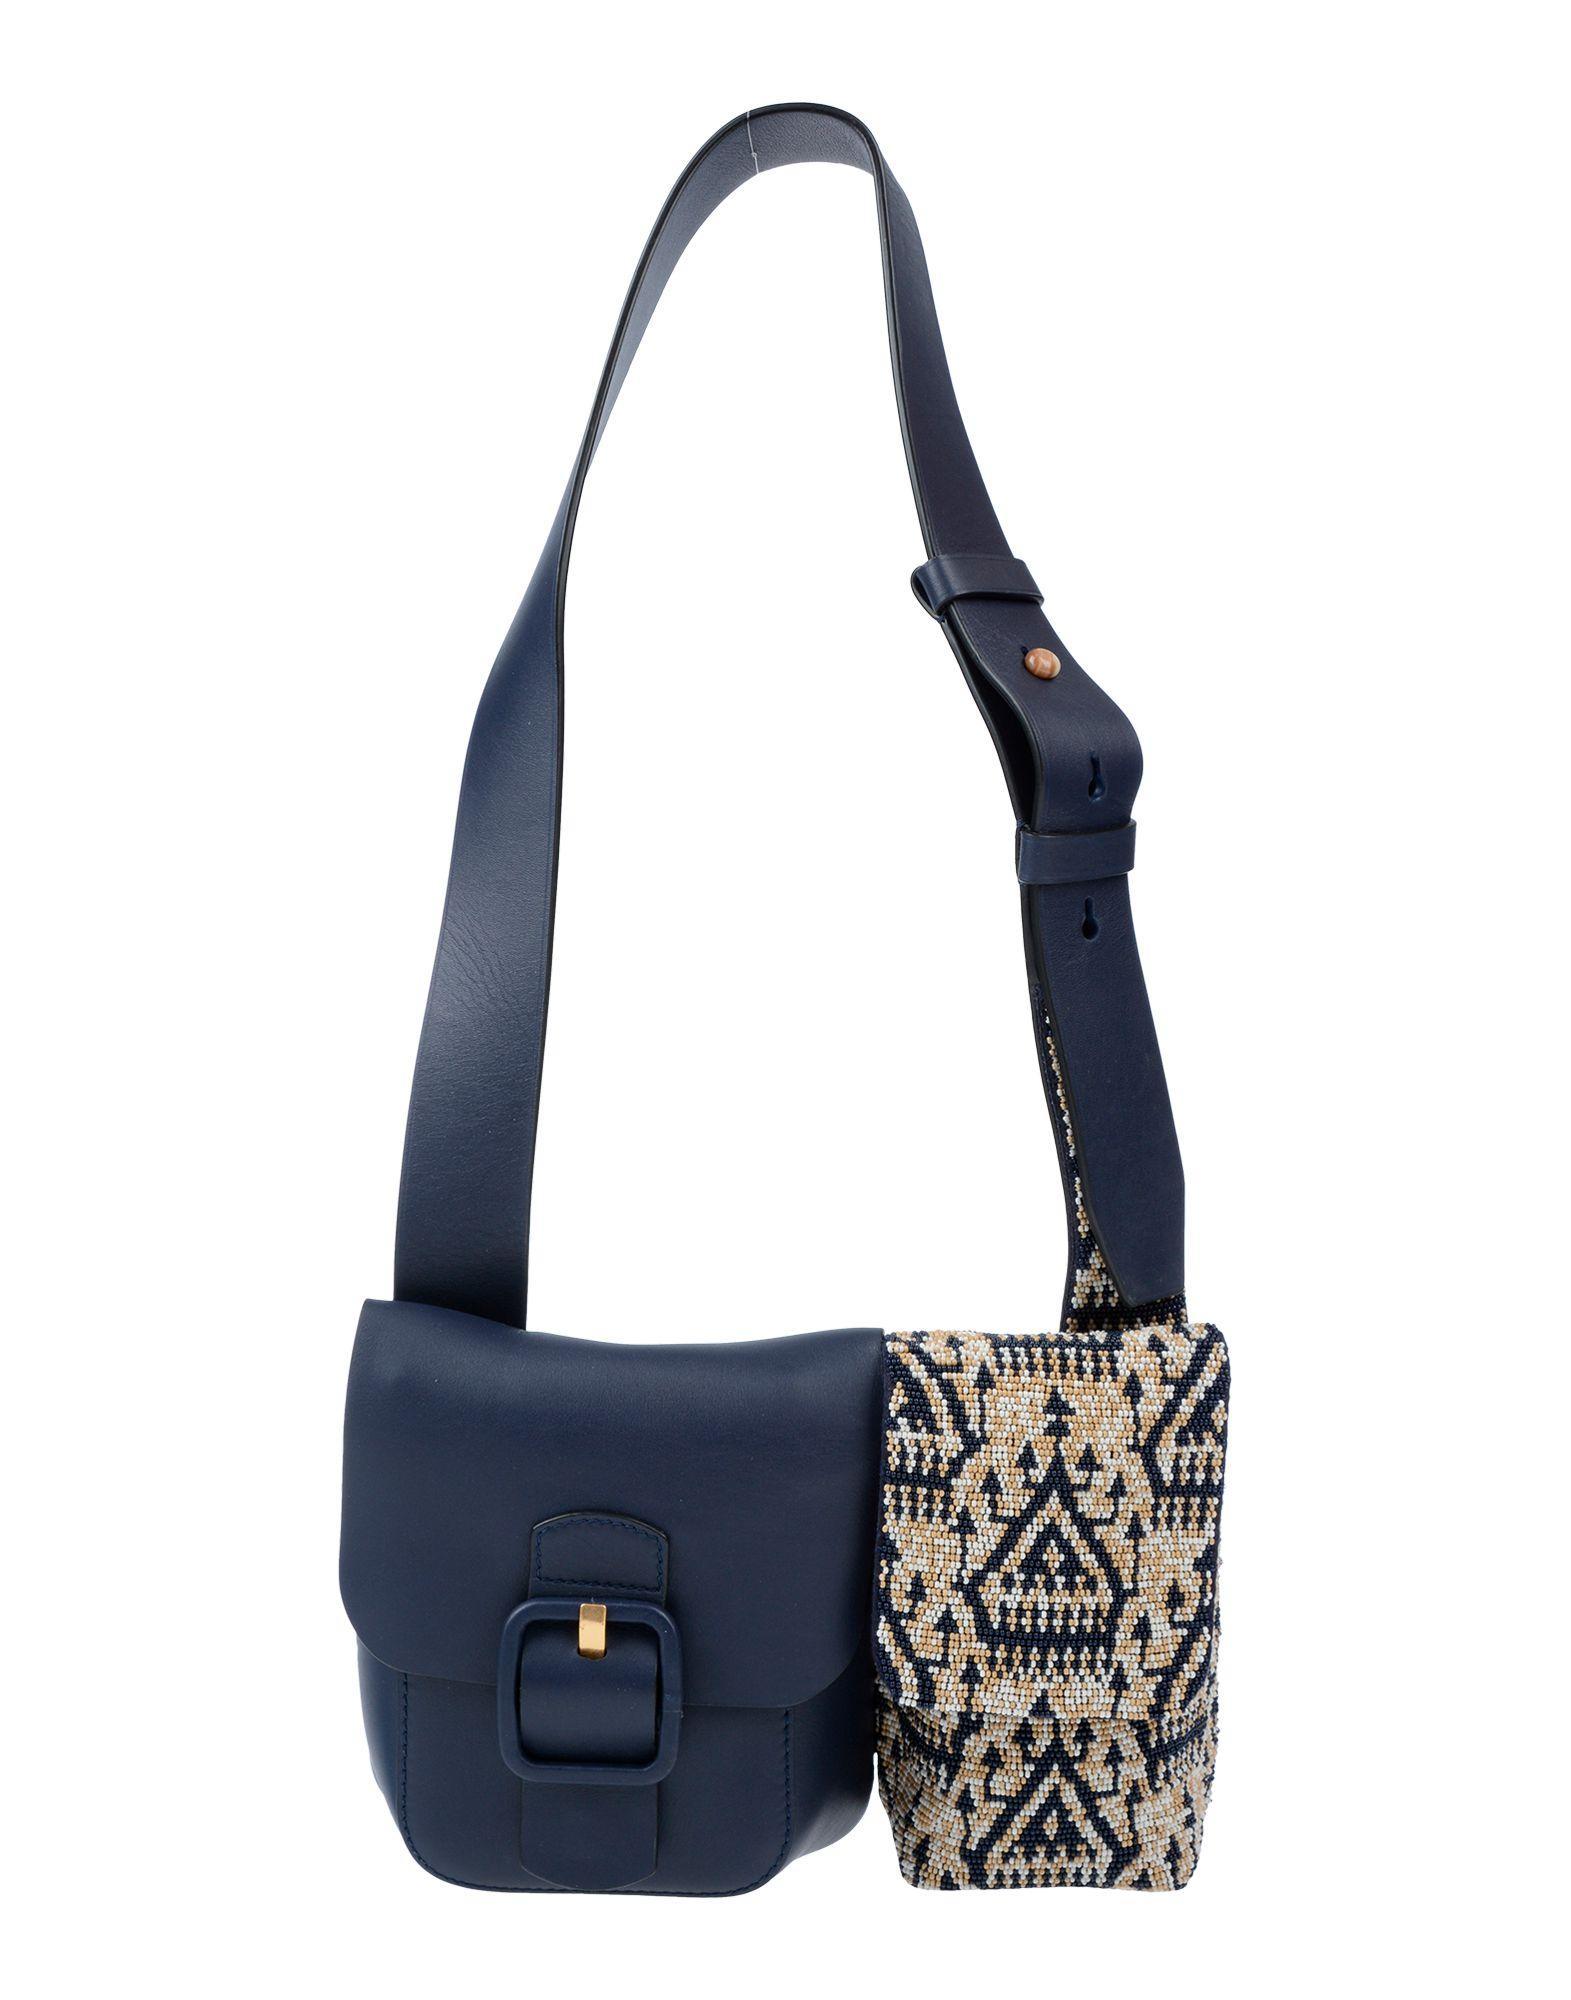 0c3dd47158fd Lyst - Tory Burch Shoulder Bag in Blue